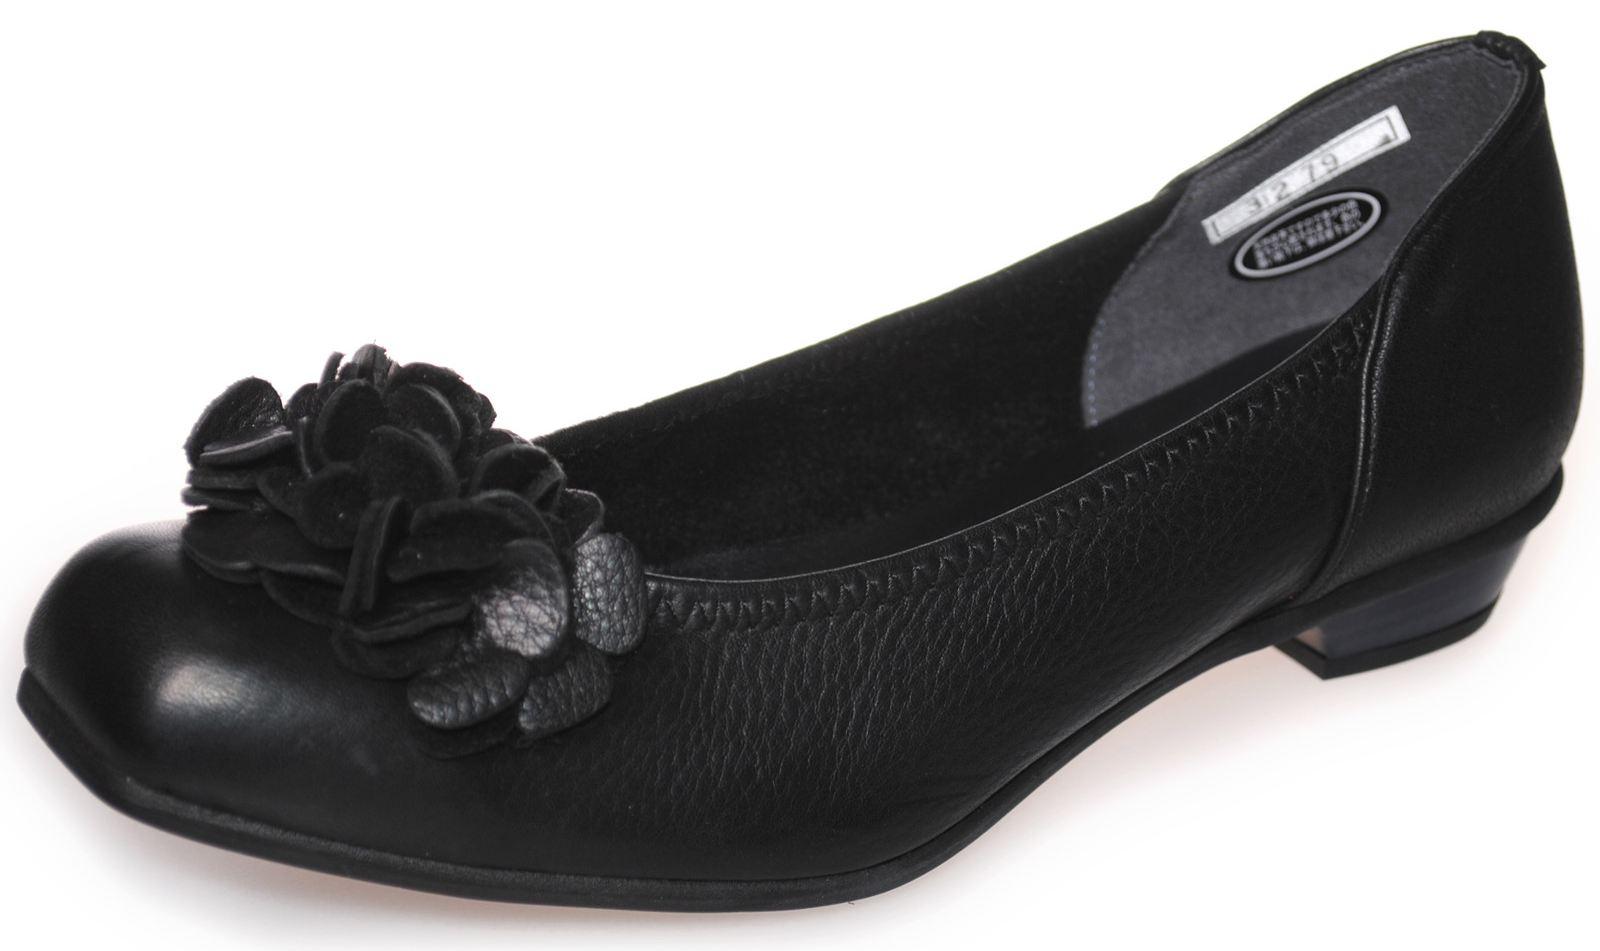 【靴のHOSHIKAWA】 『Dona Miss 3279』21.5cm~ローヒール